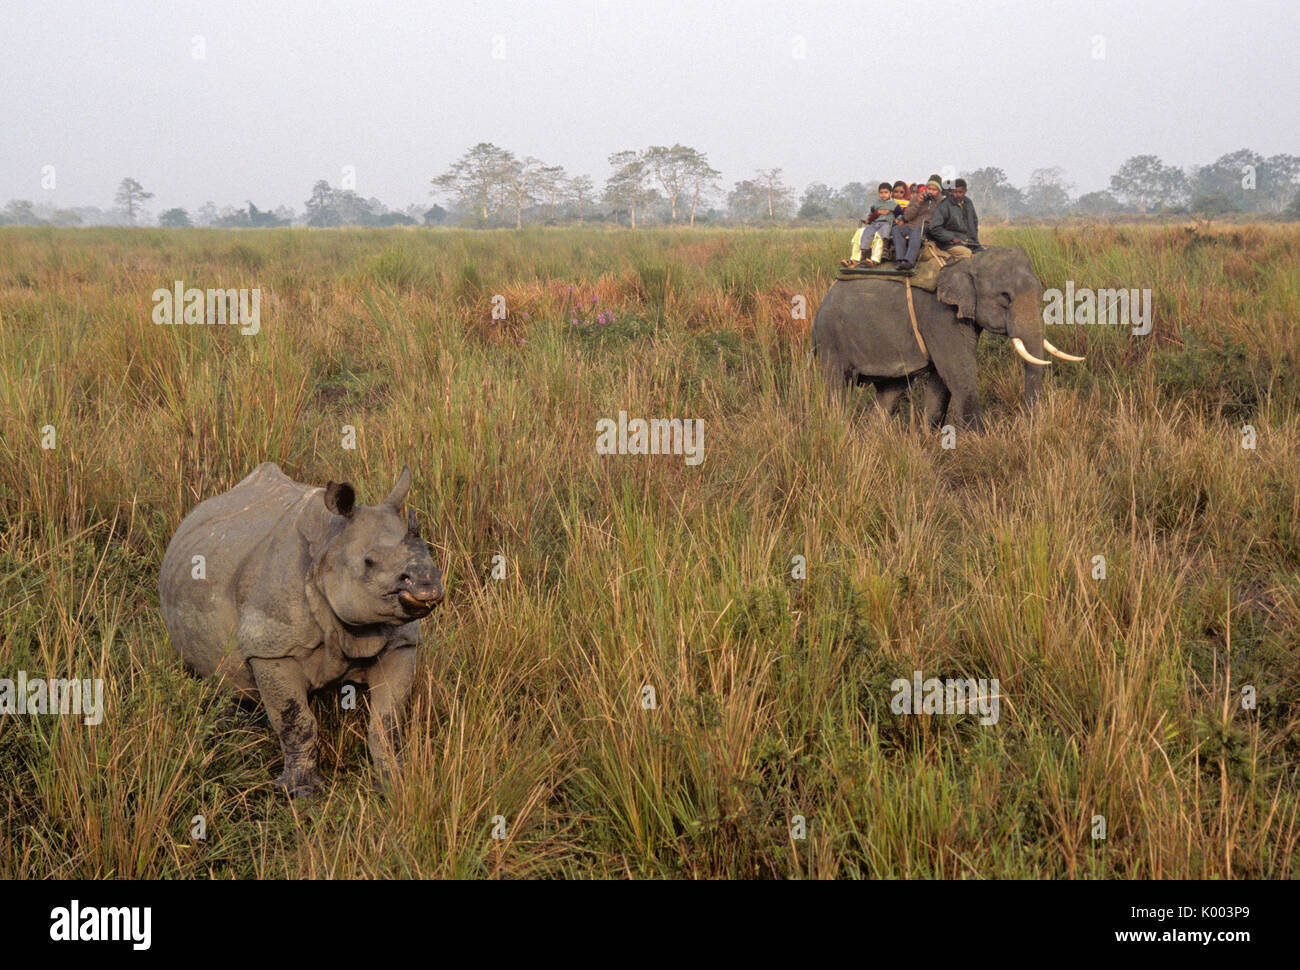 Indian tourists on elephant watching Asian one-horned rhinoceros, Kaziranga National Park, Assam, India Stock Photo